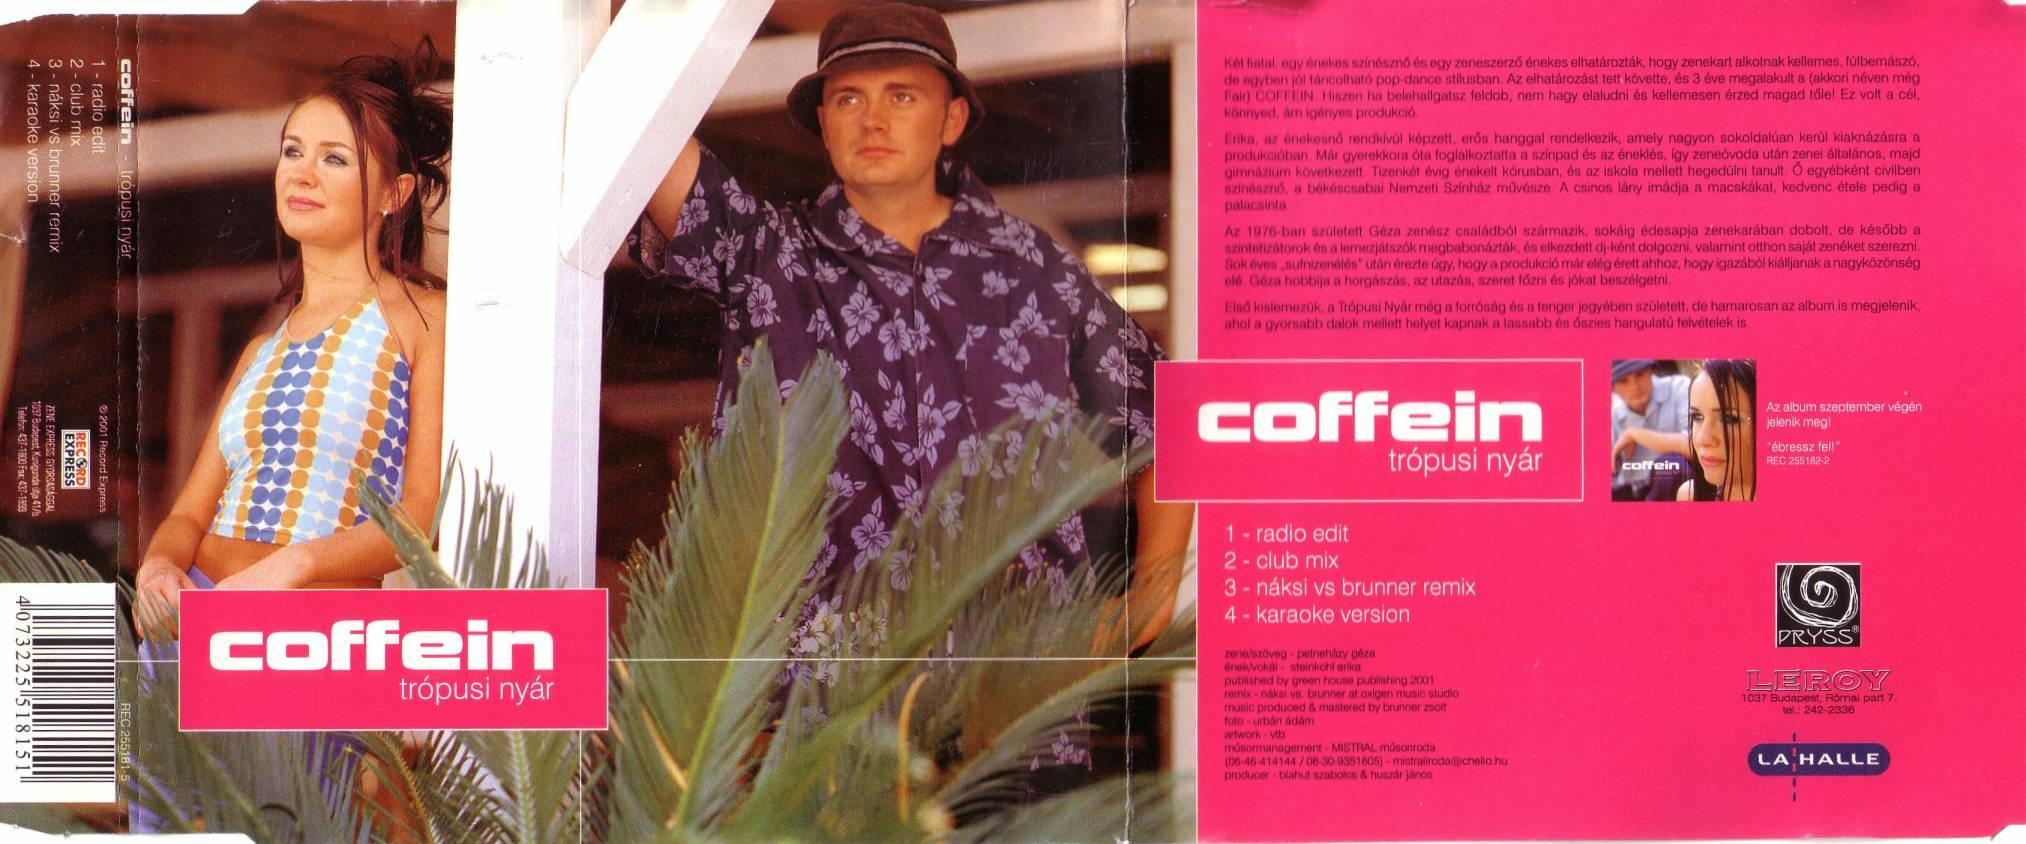 Coffein Trópusi nyár